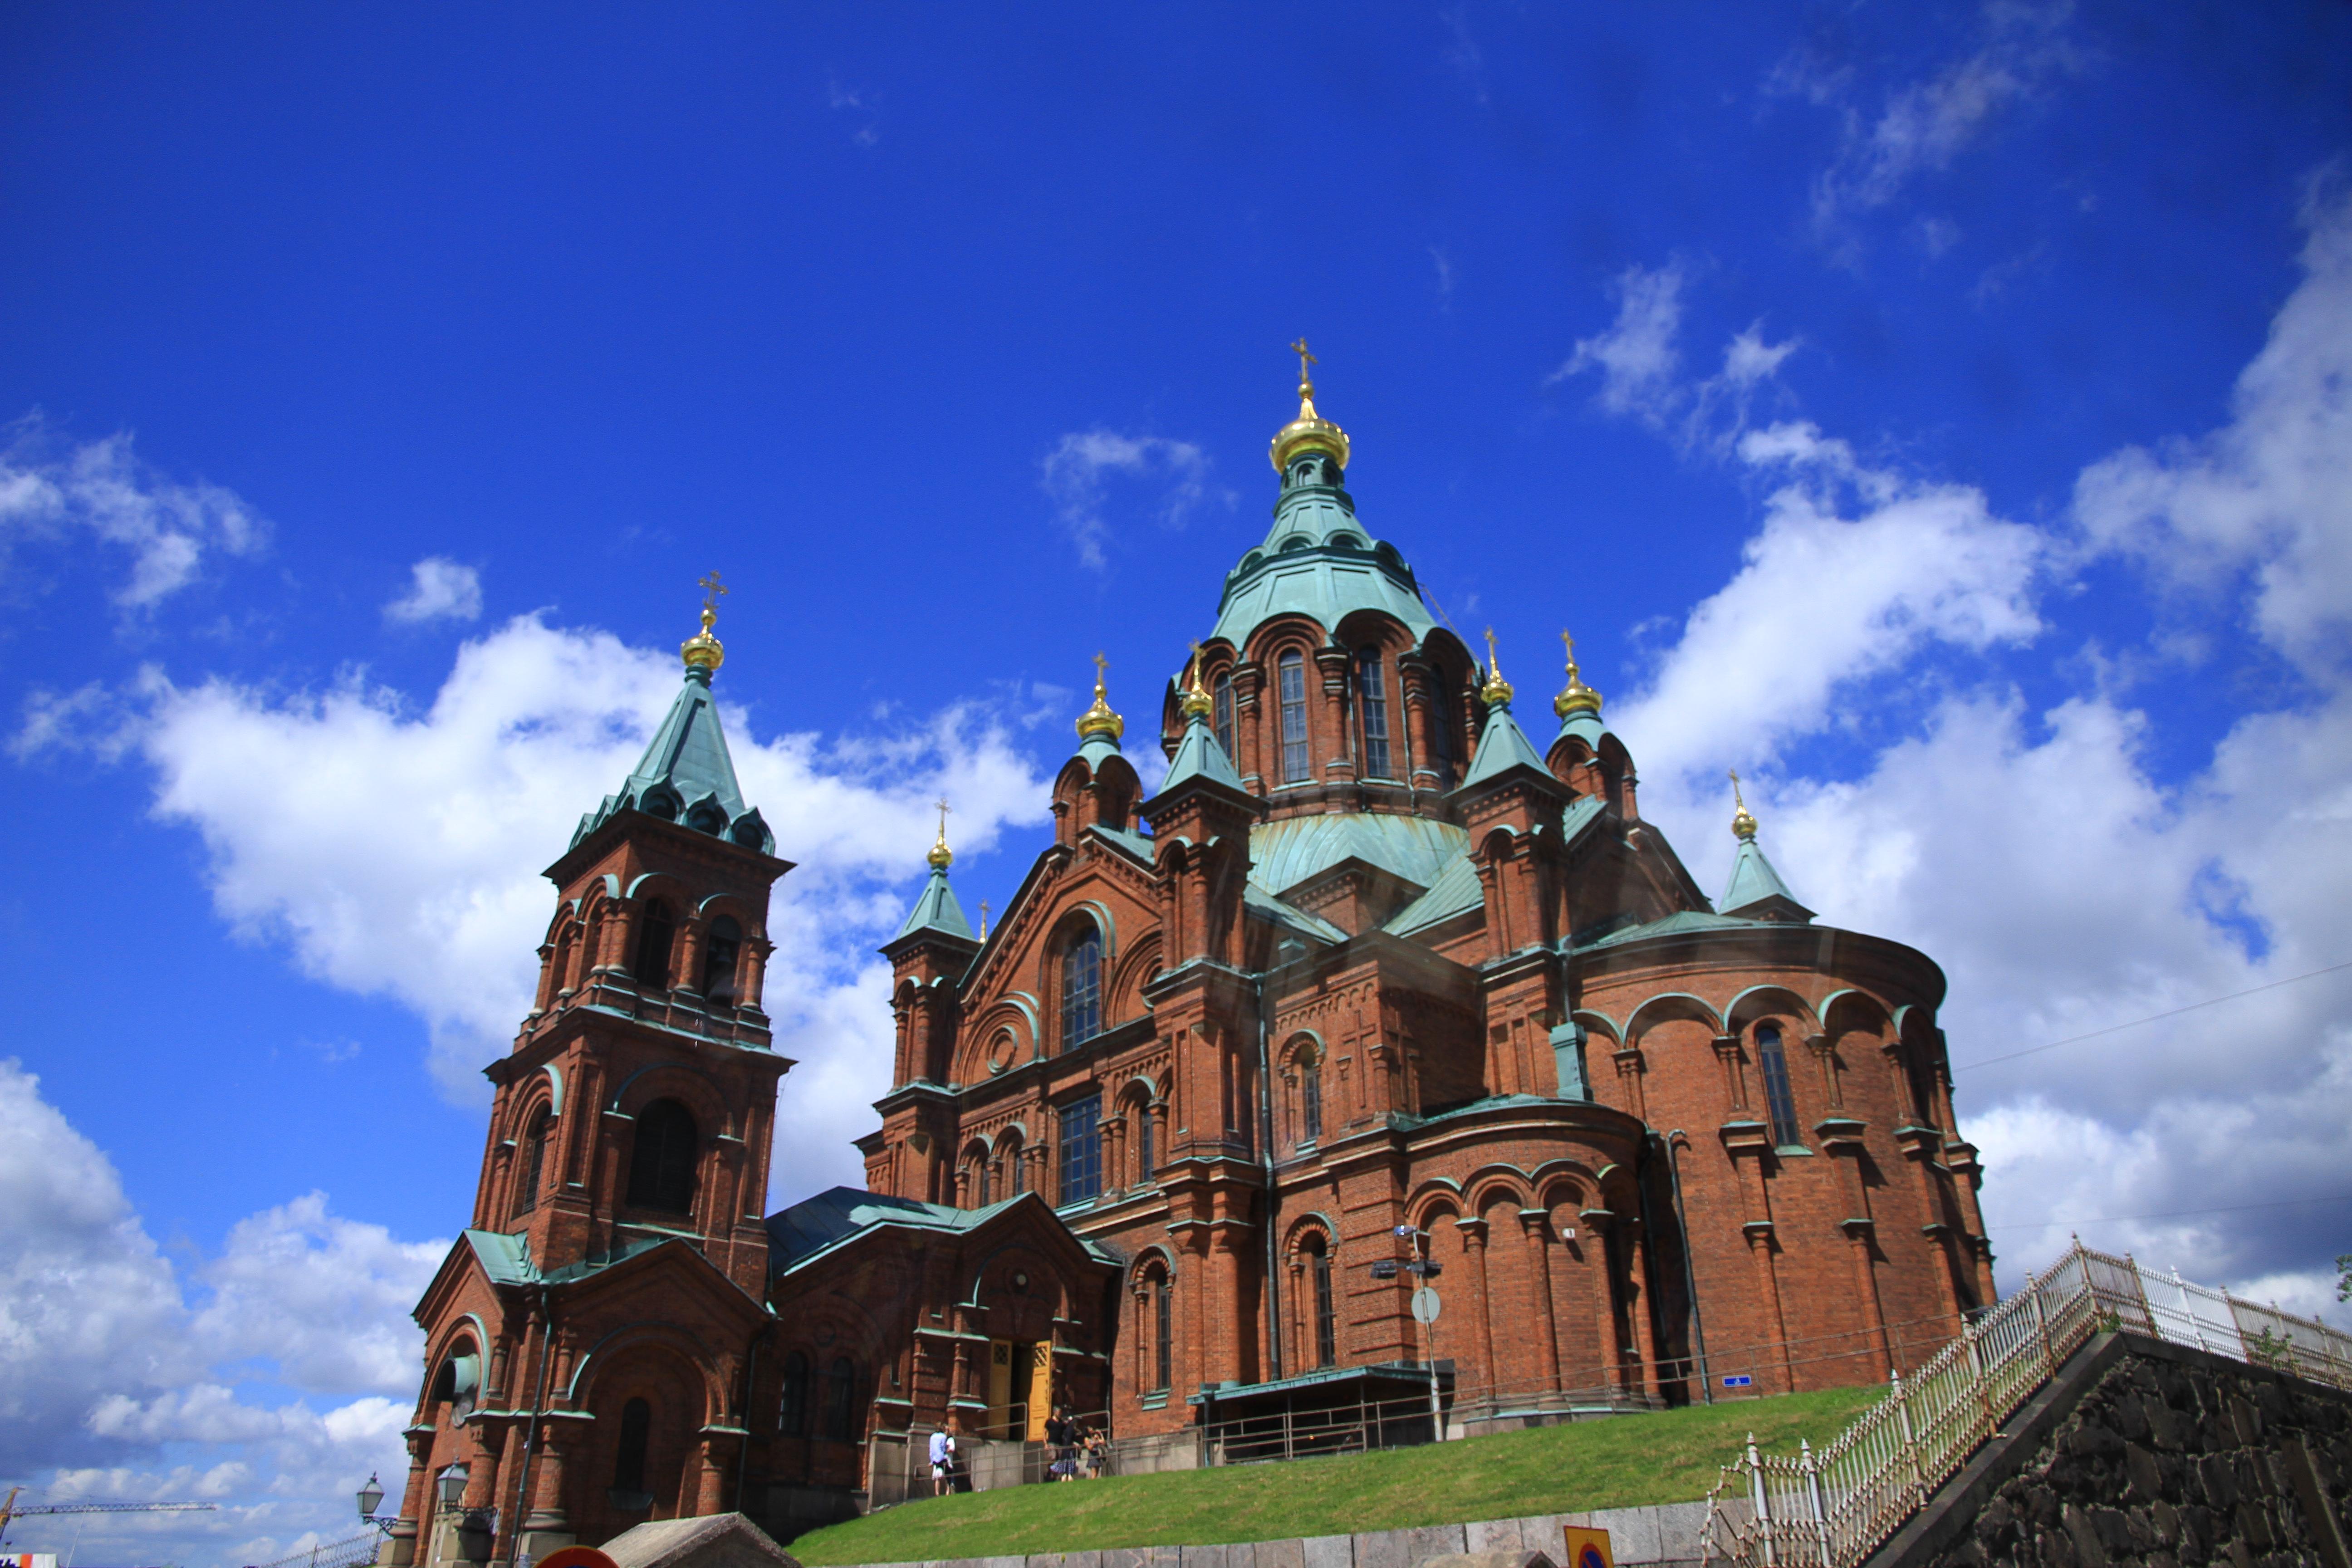 75、芬兰赫尔辛基:乌斯潘斯基教堂(红教堂)